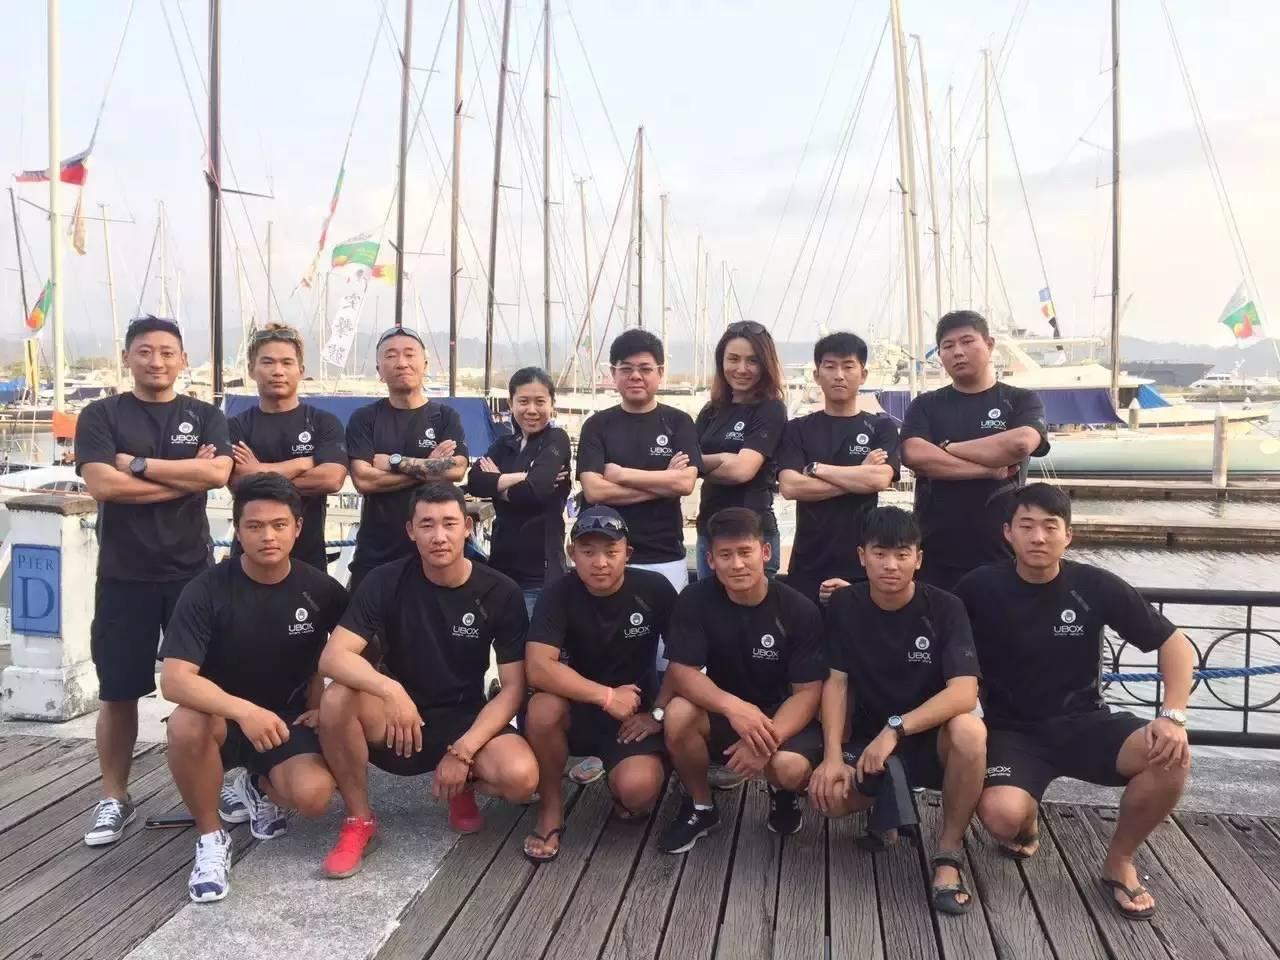 不见不散,帆船,西昌,国际 岸上跑西马 ——20艘帆船集结完毕 11月5日将扬. 2e2231b3d8591af05a5504d892b73d4c.jpg